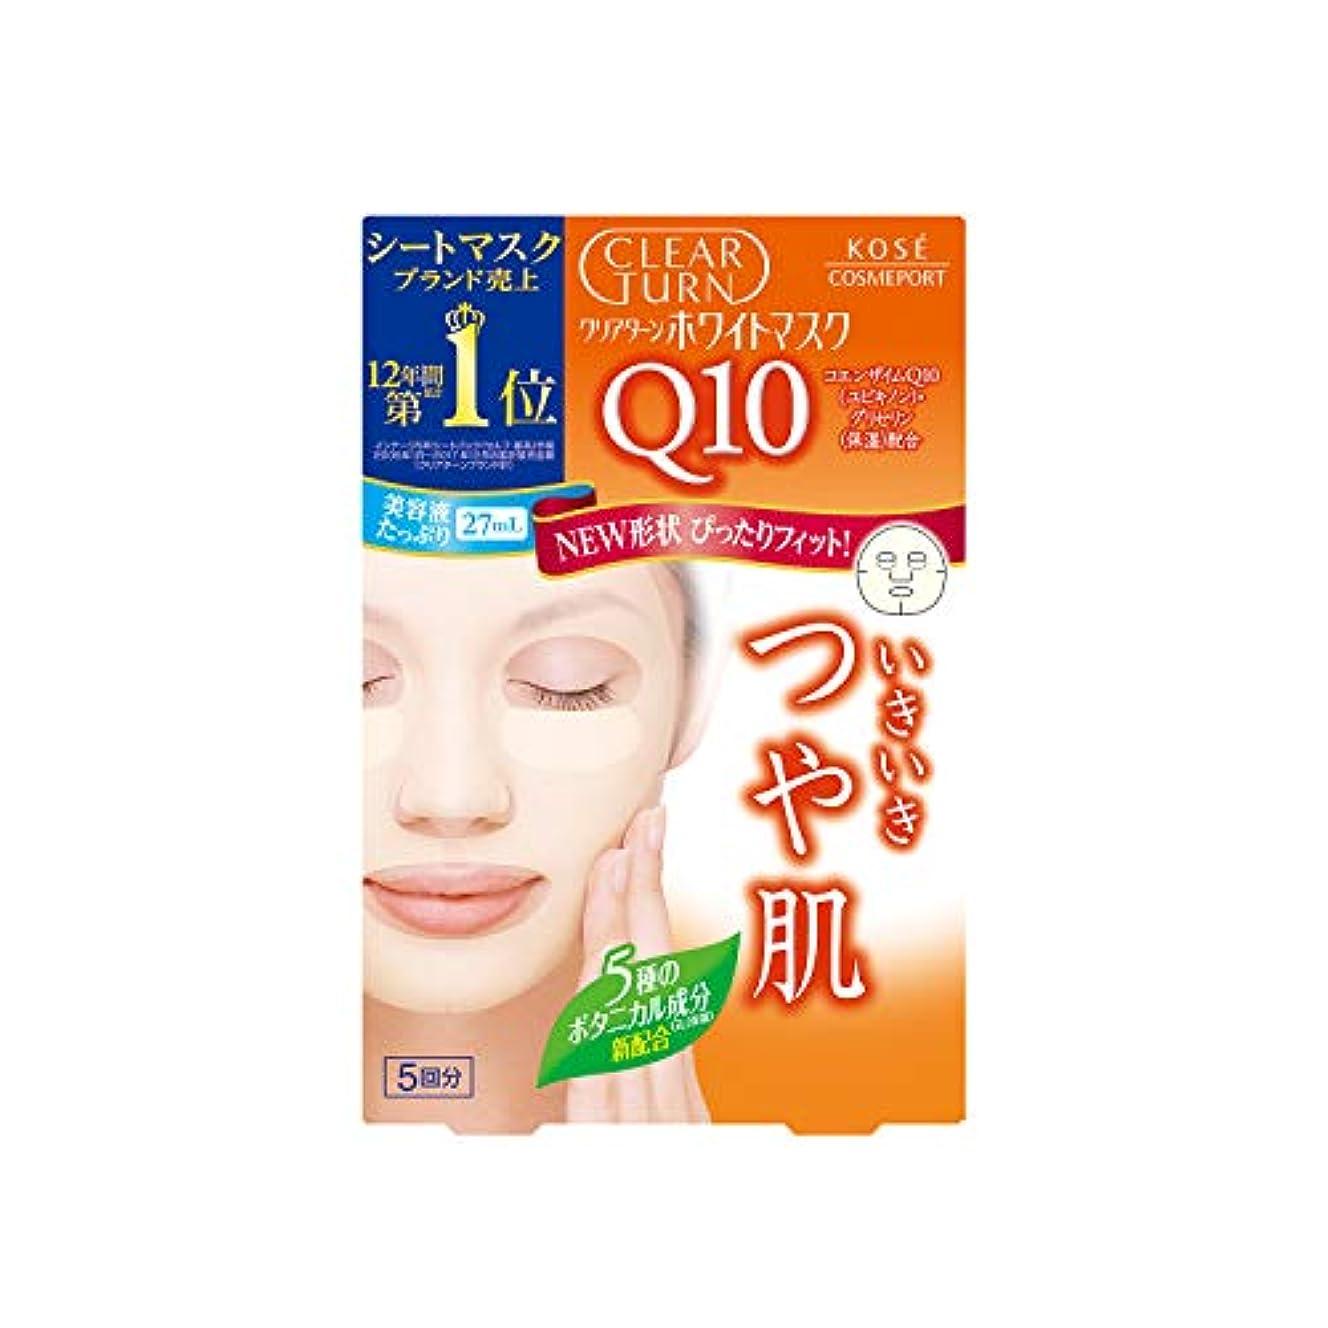 浪費不適切なストレスKOSE クリアターン ホワイト マスク Q10 c (コエンザイムQ10) 5回分 (22mL×5)